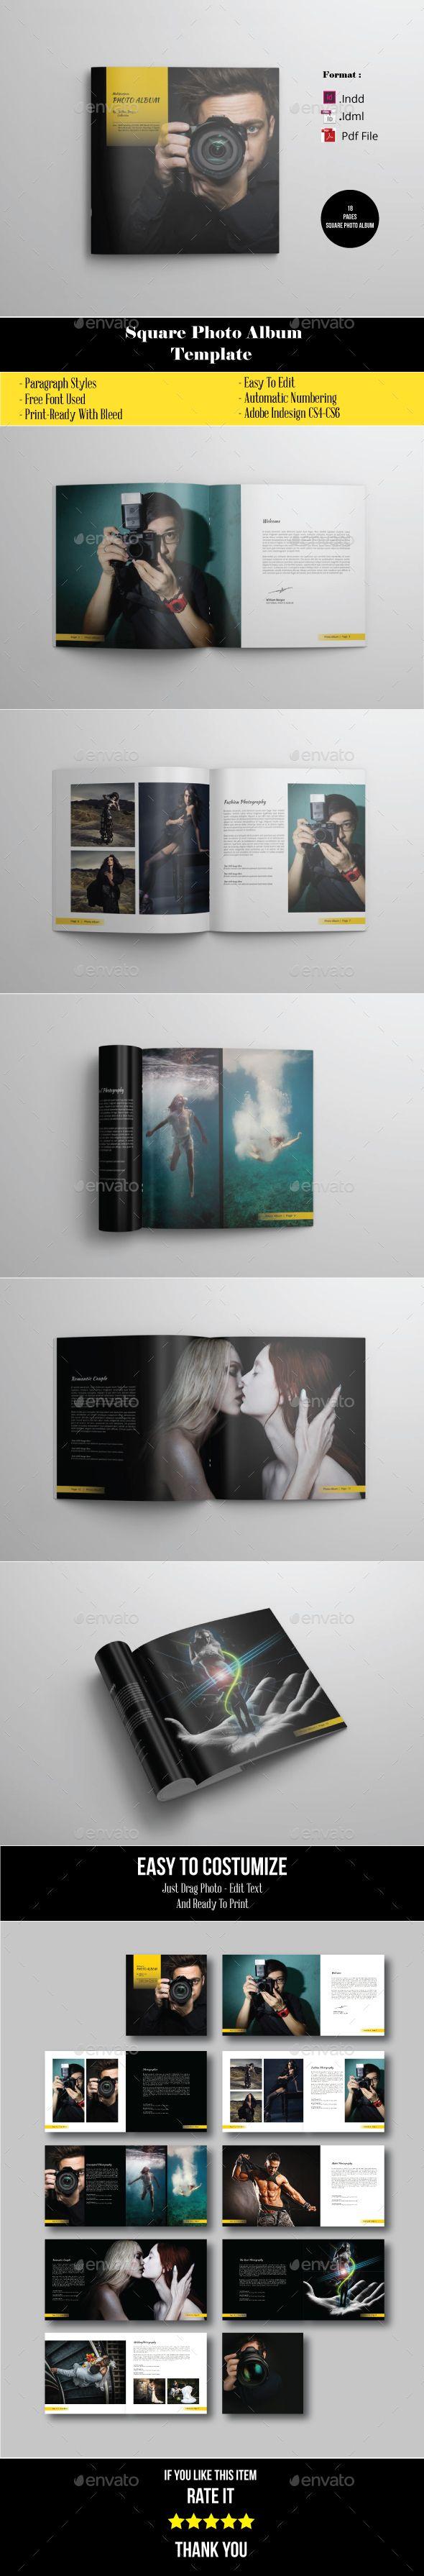 18 Pages Square Photo Album Portofolio Photographer | Pinterest